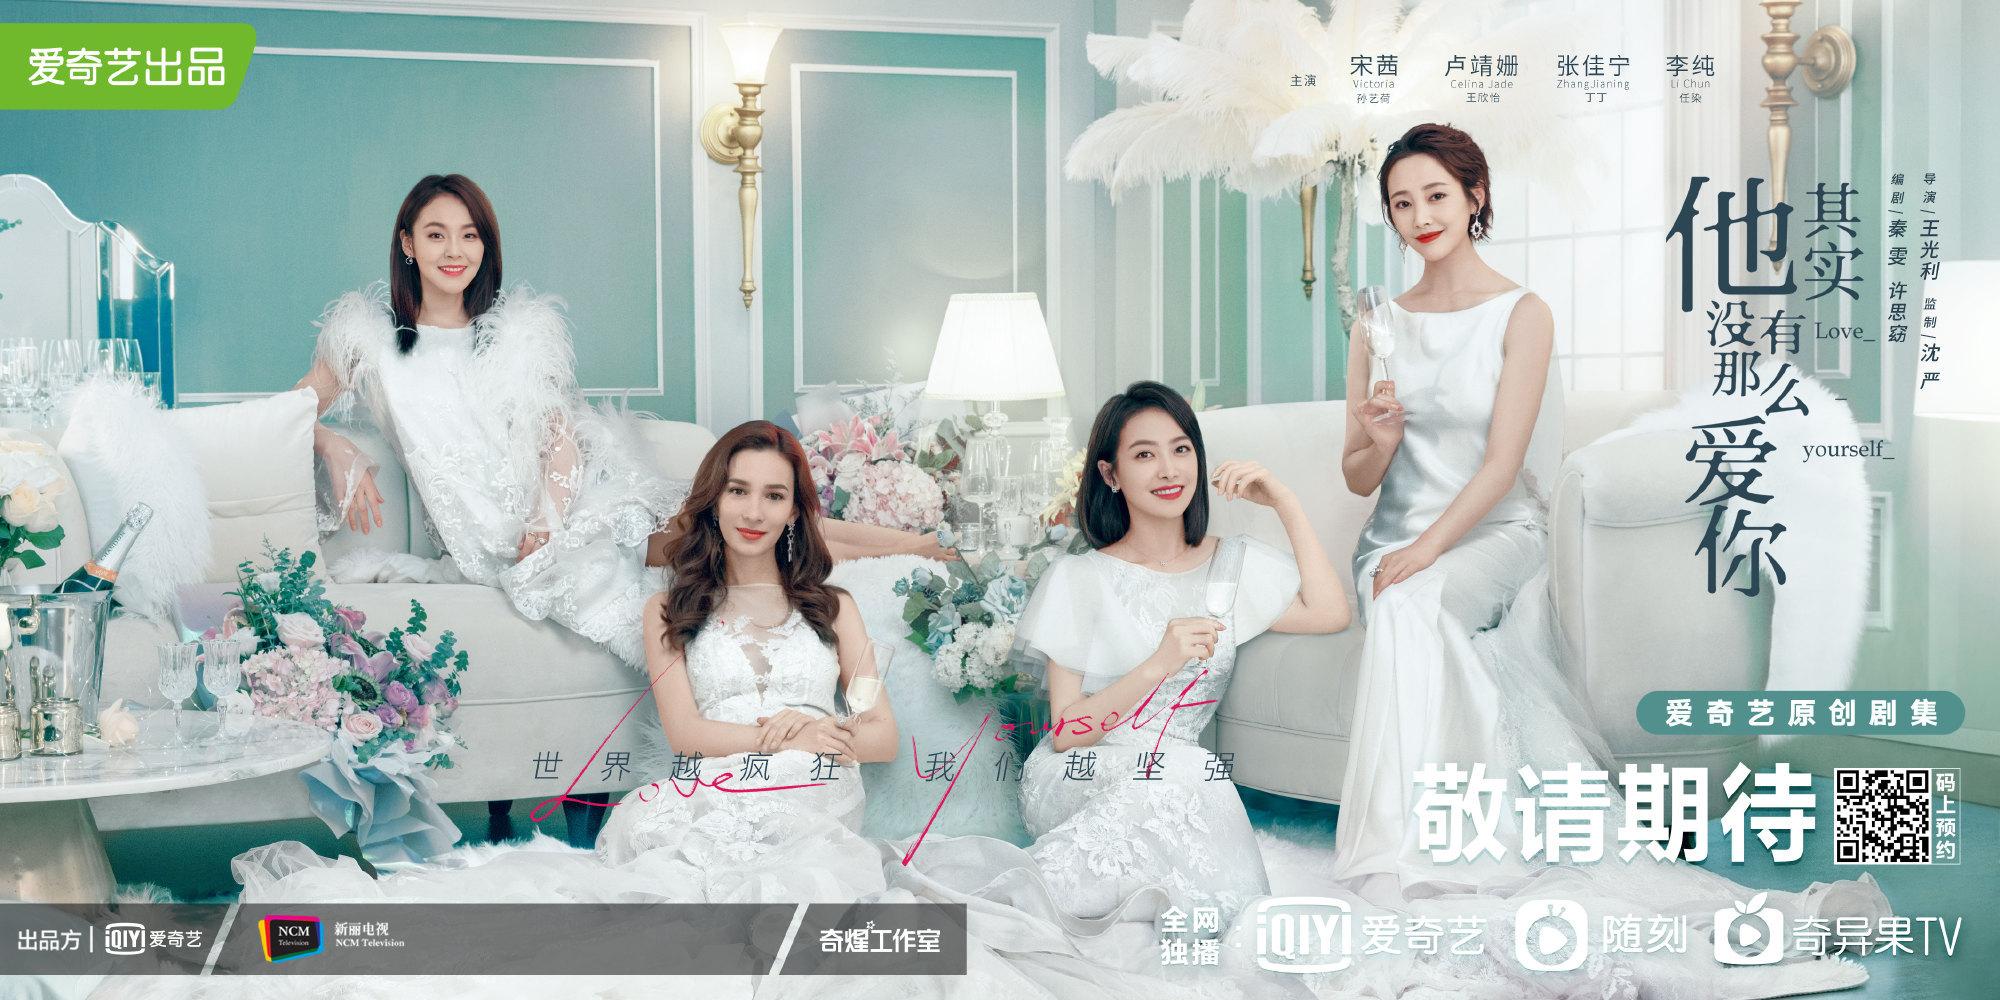 优爱腾芒四大视频网站近期将要上线的网剧一览